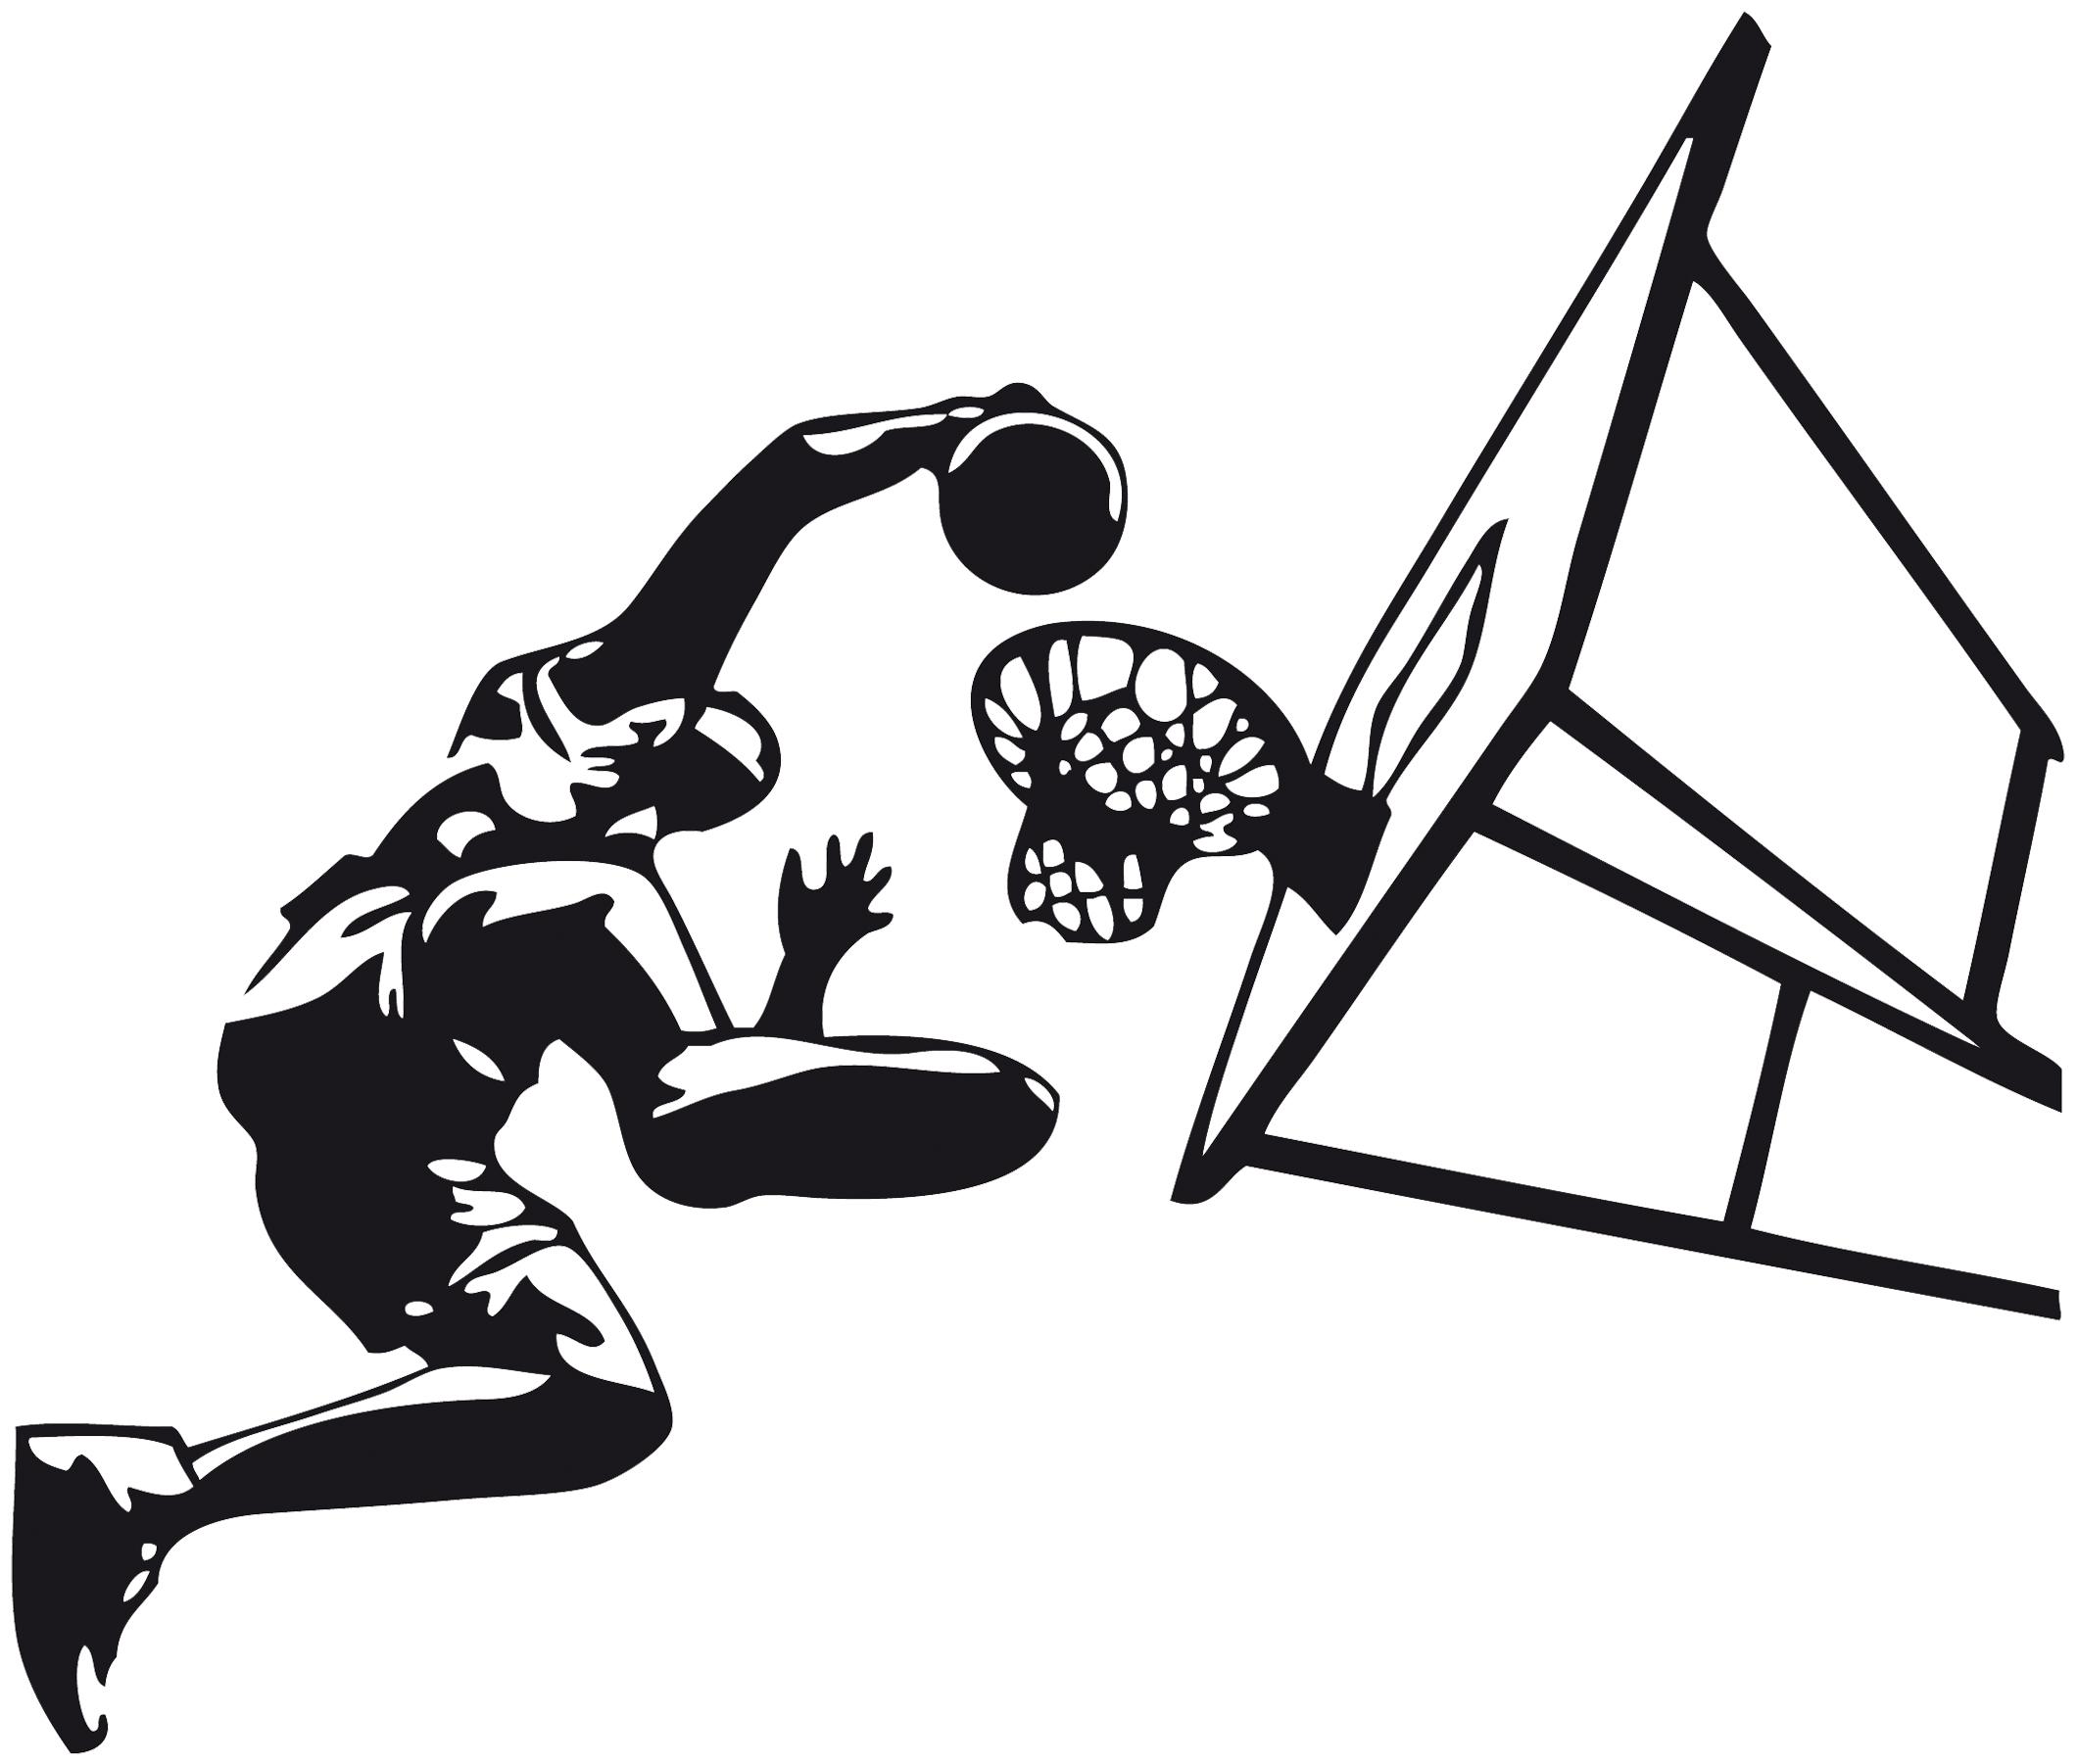 stickers basketteur et panier - Sport/autres - Destock ...